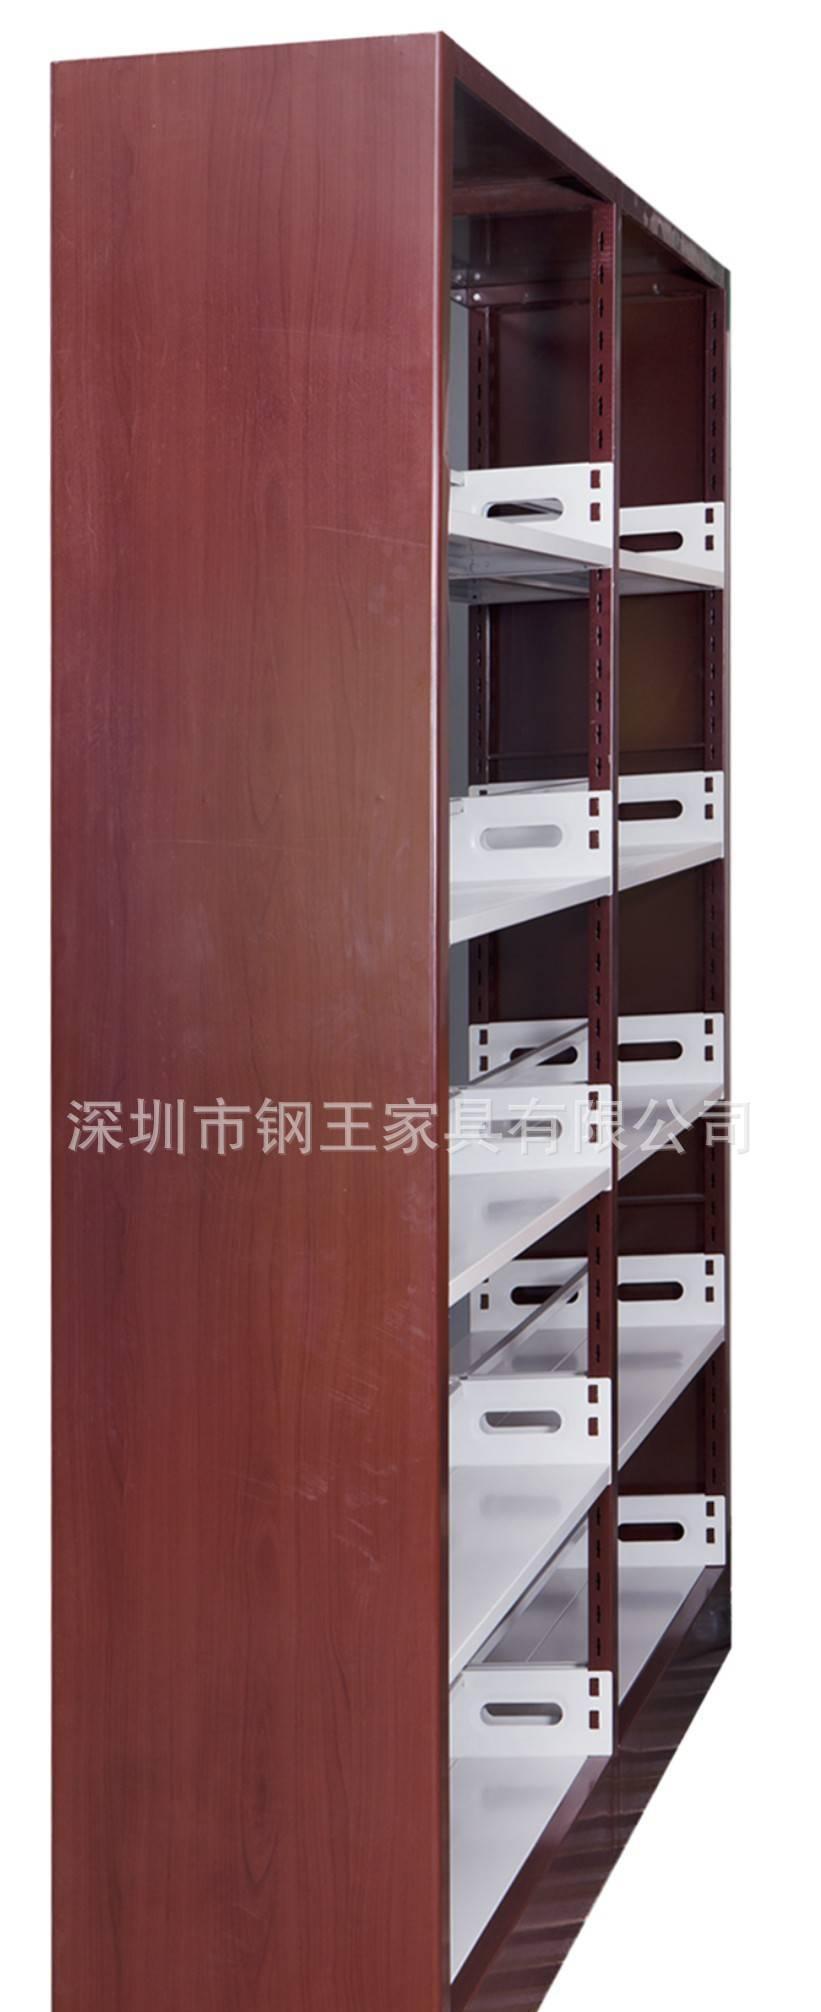 钢制书架,图书馆书架